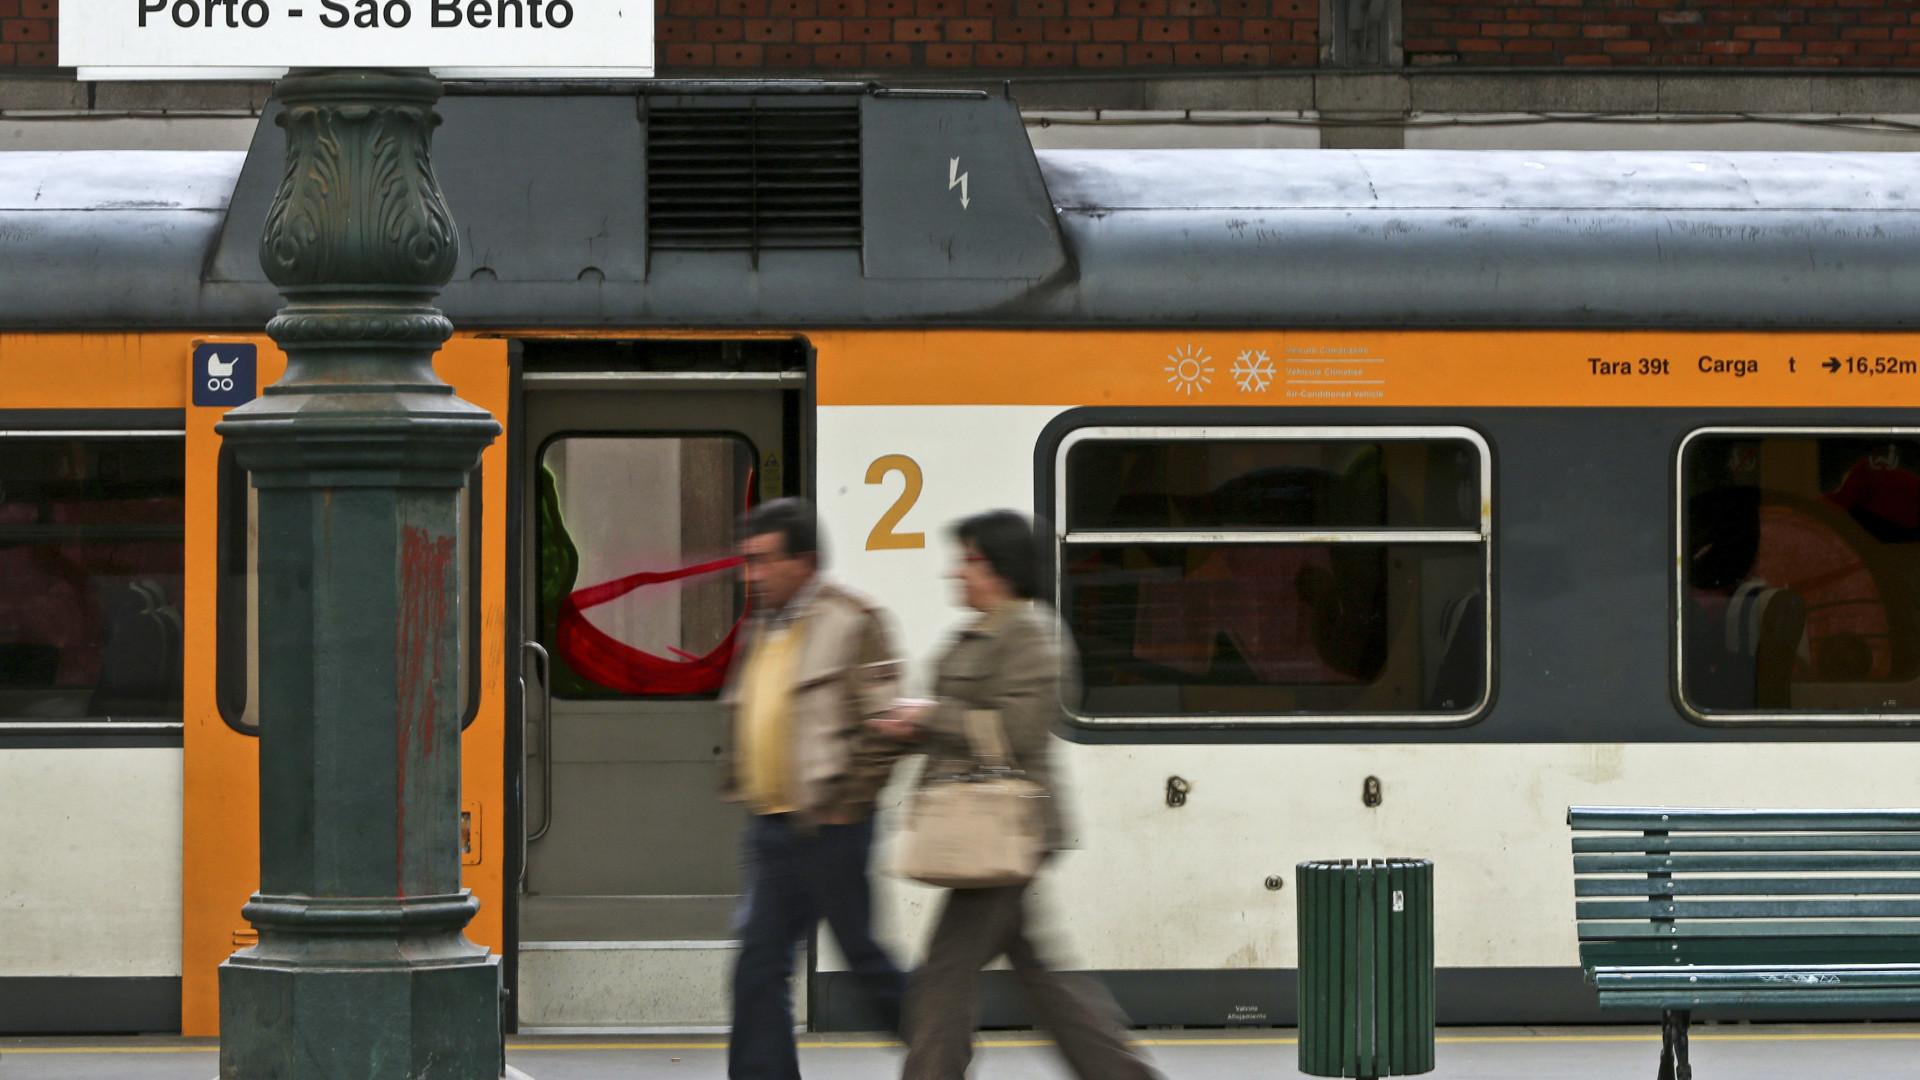 Andante válido a partir de hoje para comboios do Porto à Trofa